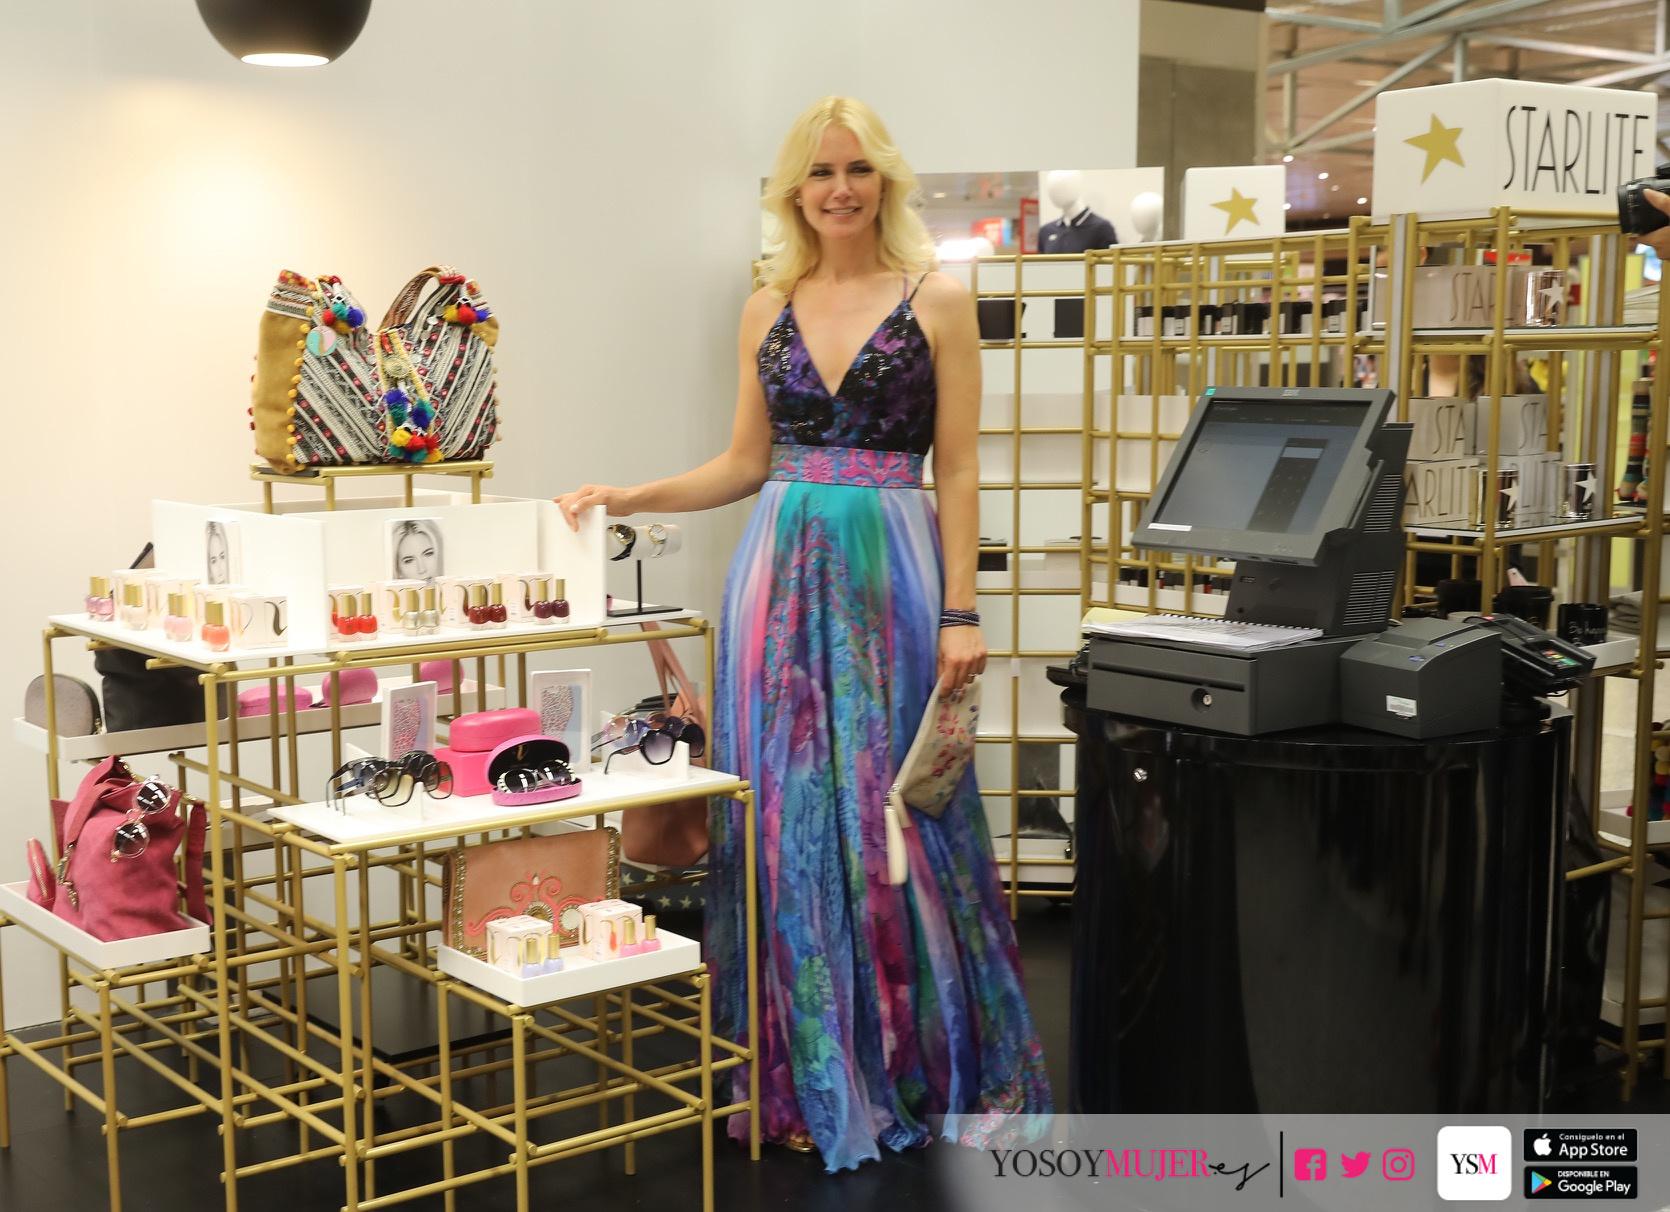 Antonio Banderas y Valeria Mazza presentan colección Startlite Shop